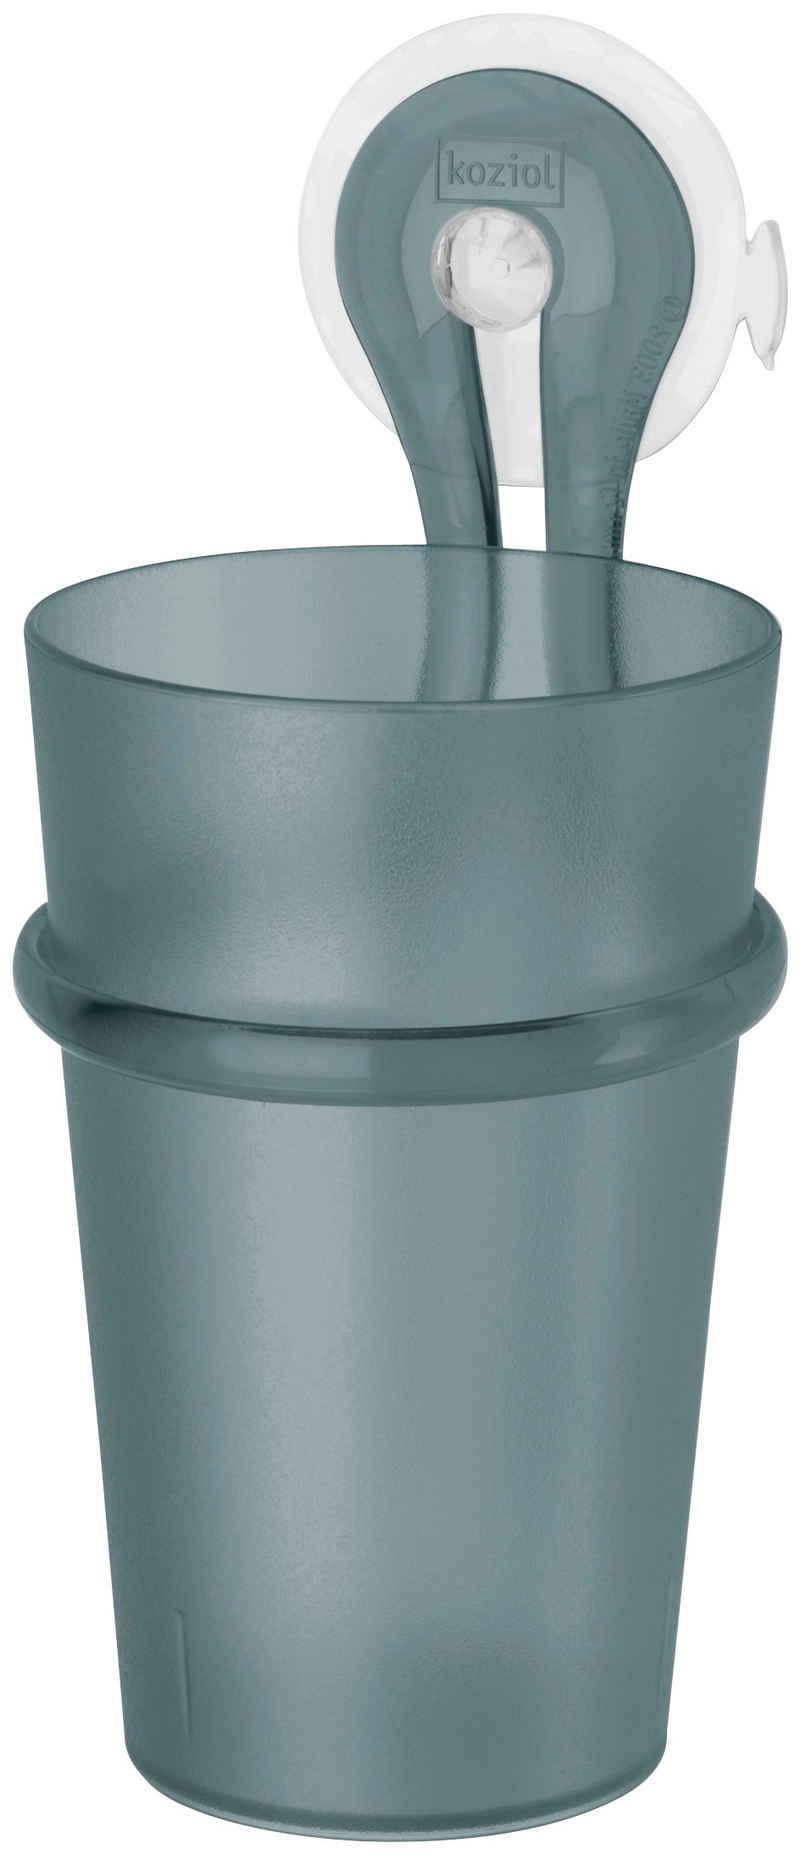 KOZIOL Zahnputzbecher »LOOP«, (Komplett-Set, 1-St), spülmaschinengeeignet, inklusive Halterung